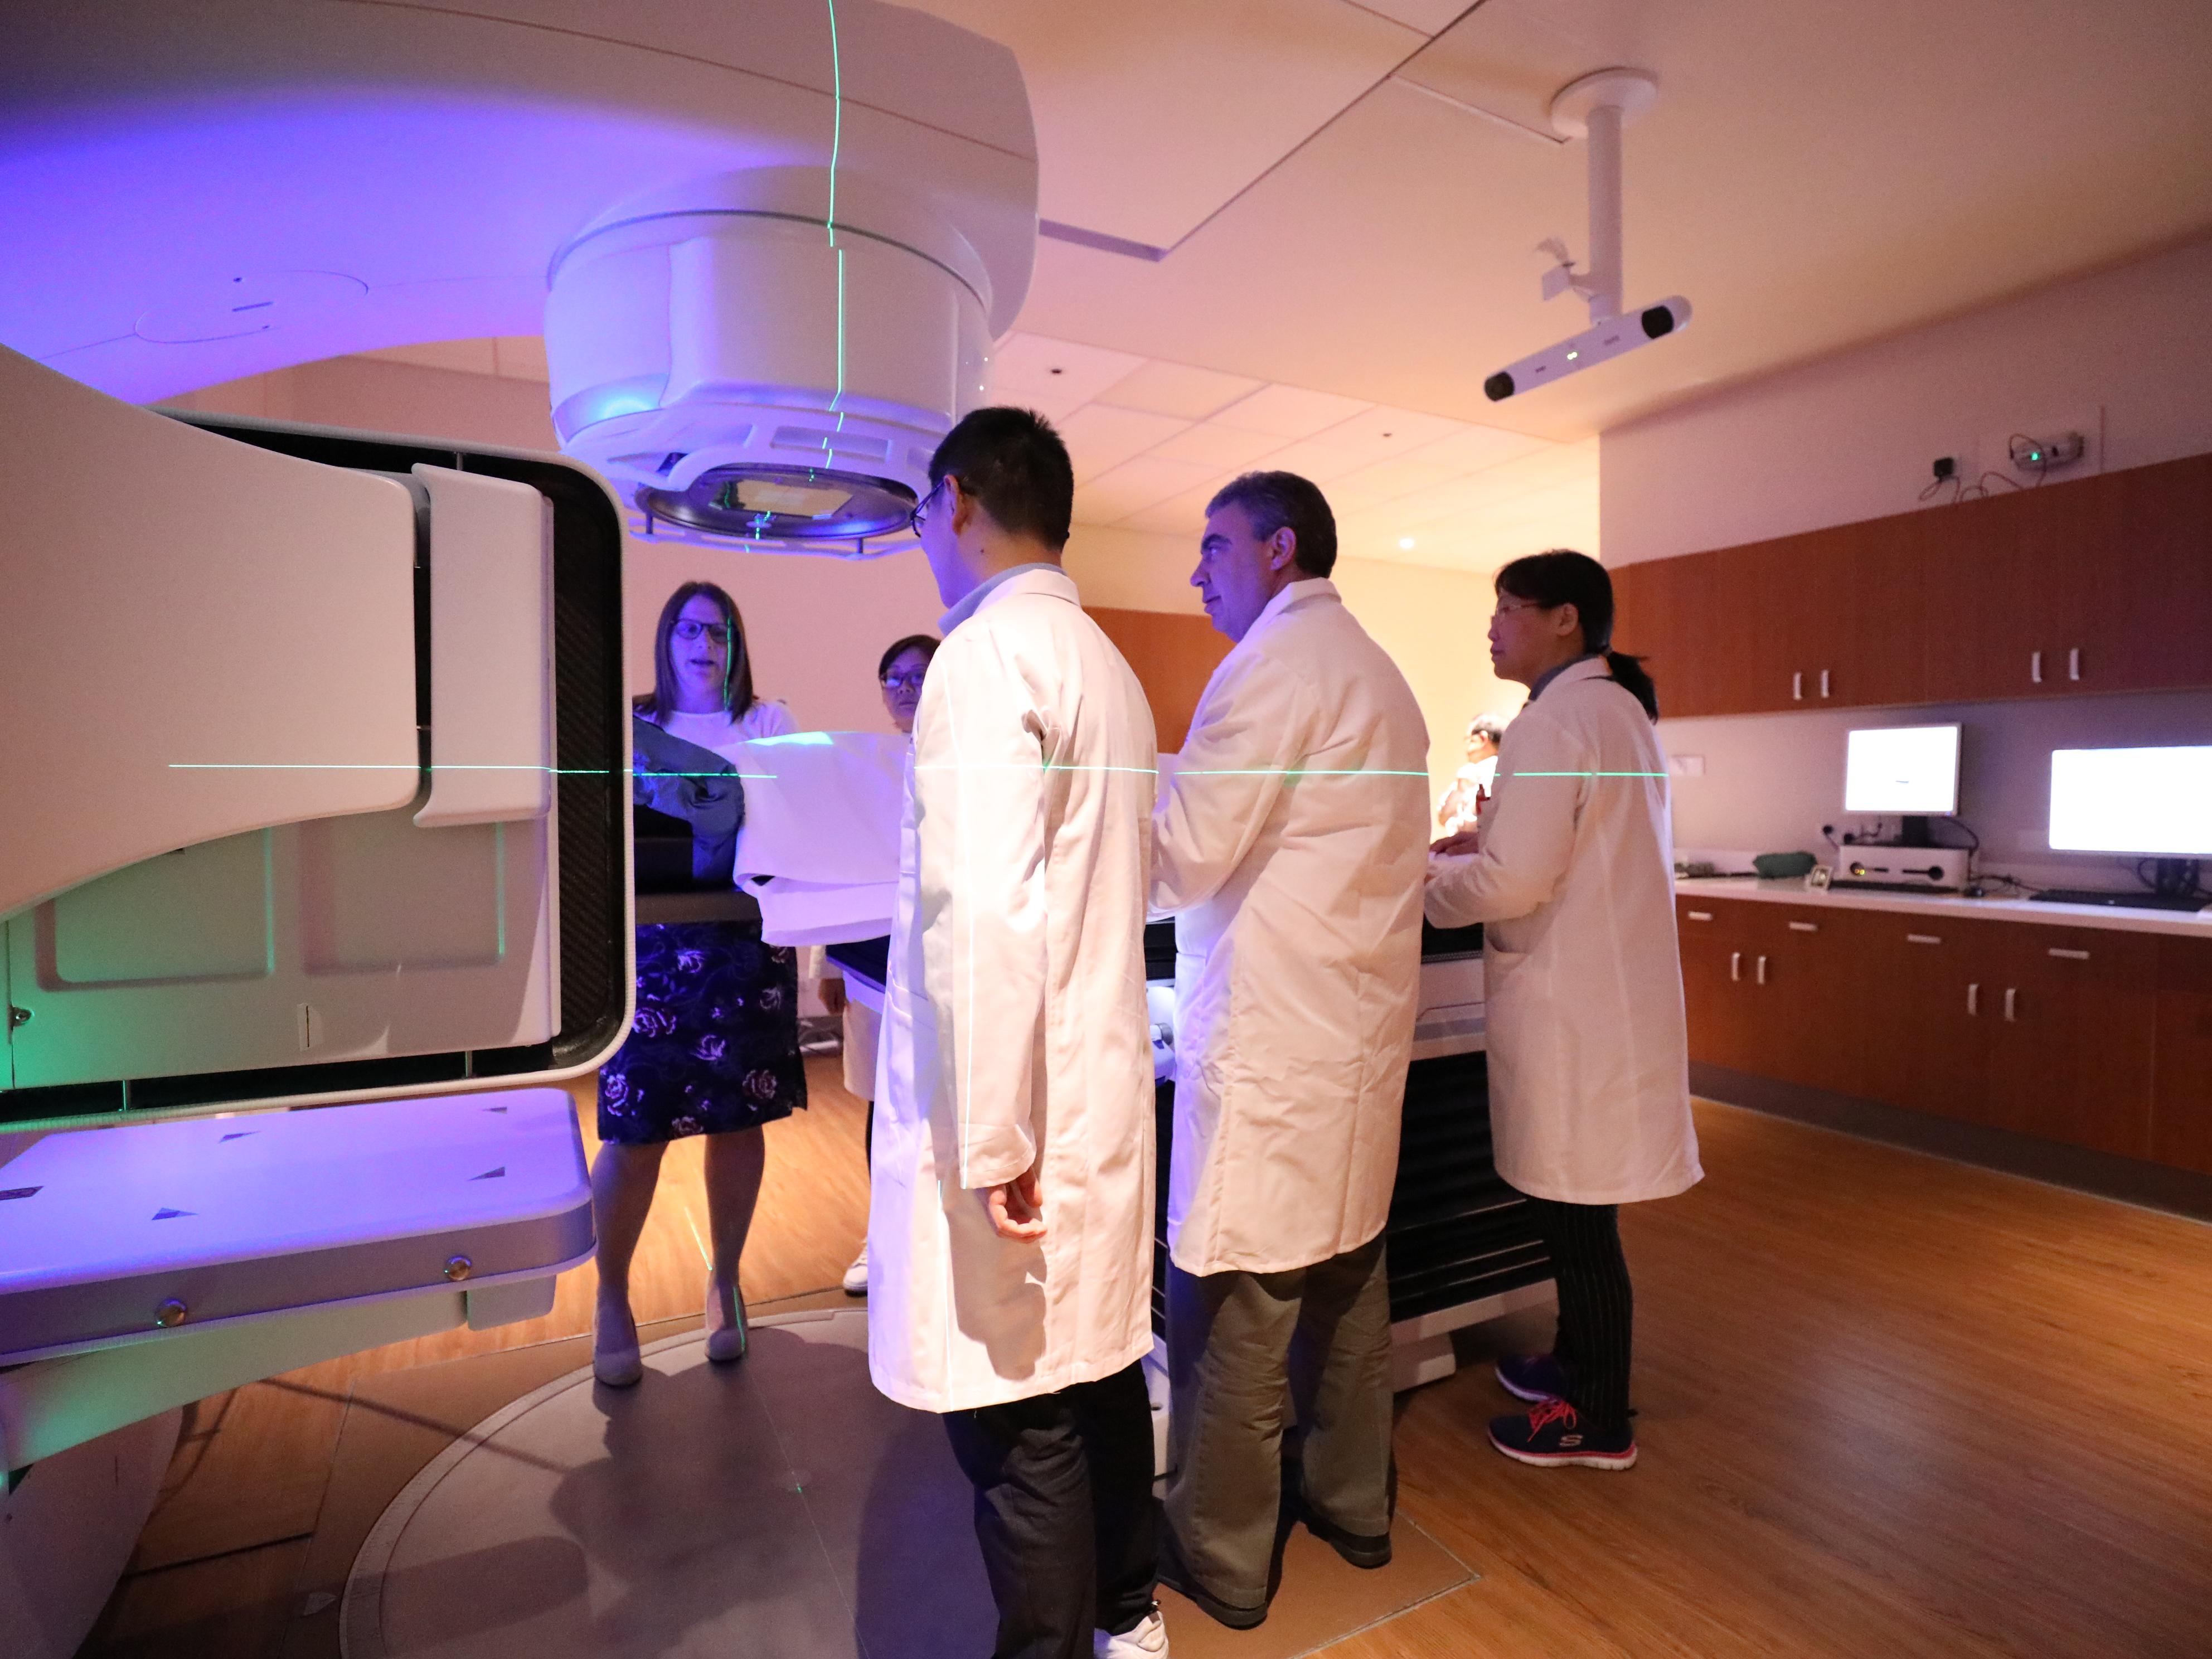 嘉会医疗:嘉会国际医院,哈佛大学麻省总医院合作医院,麻省总